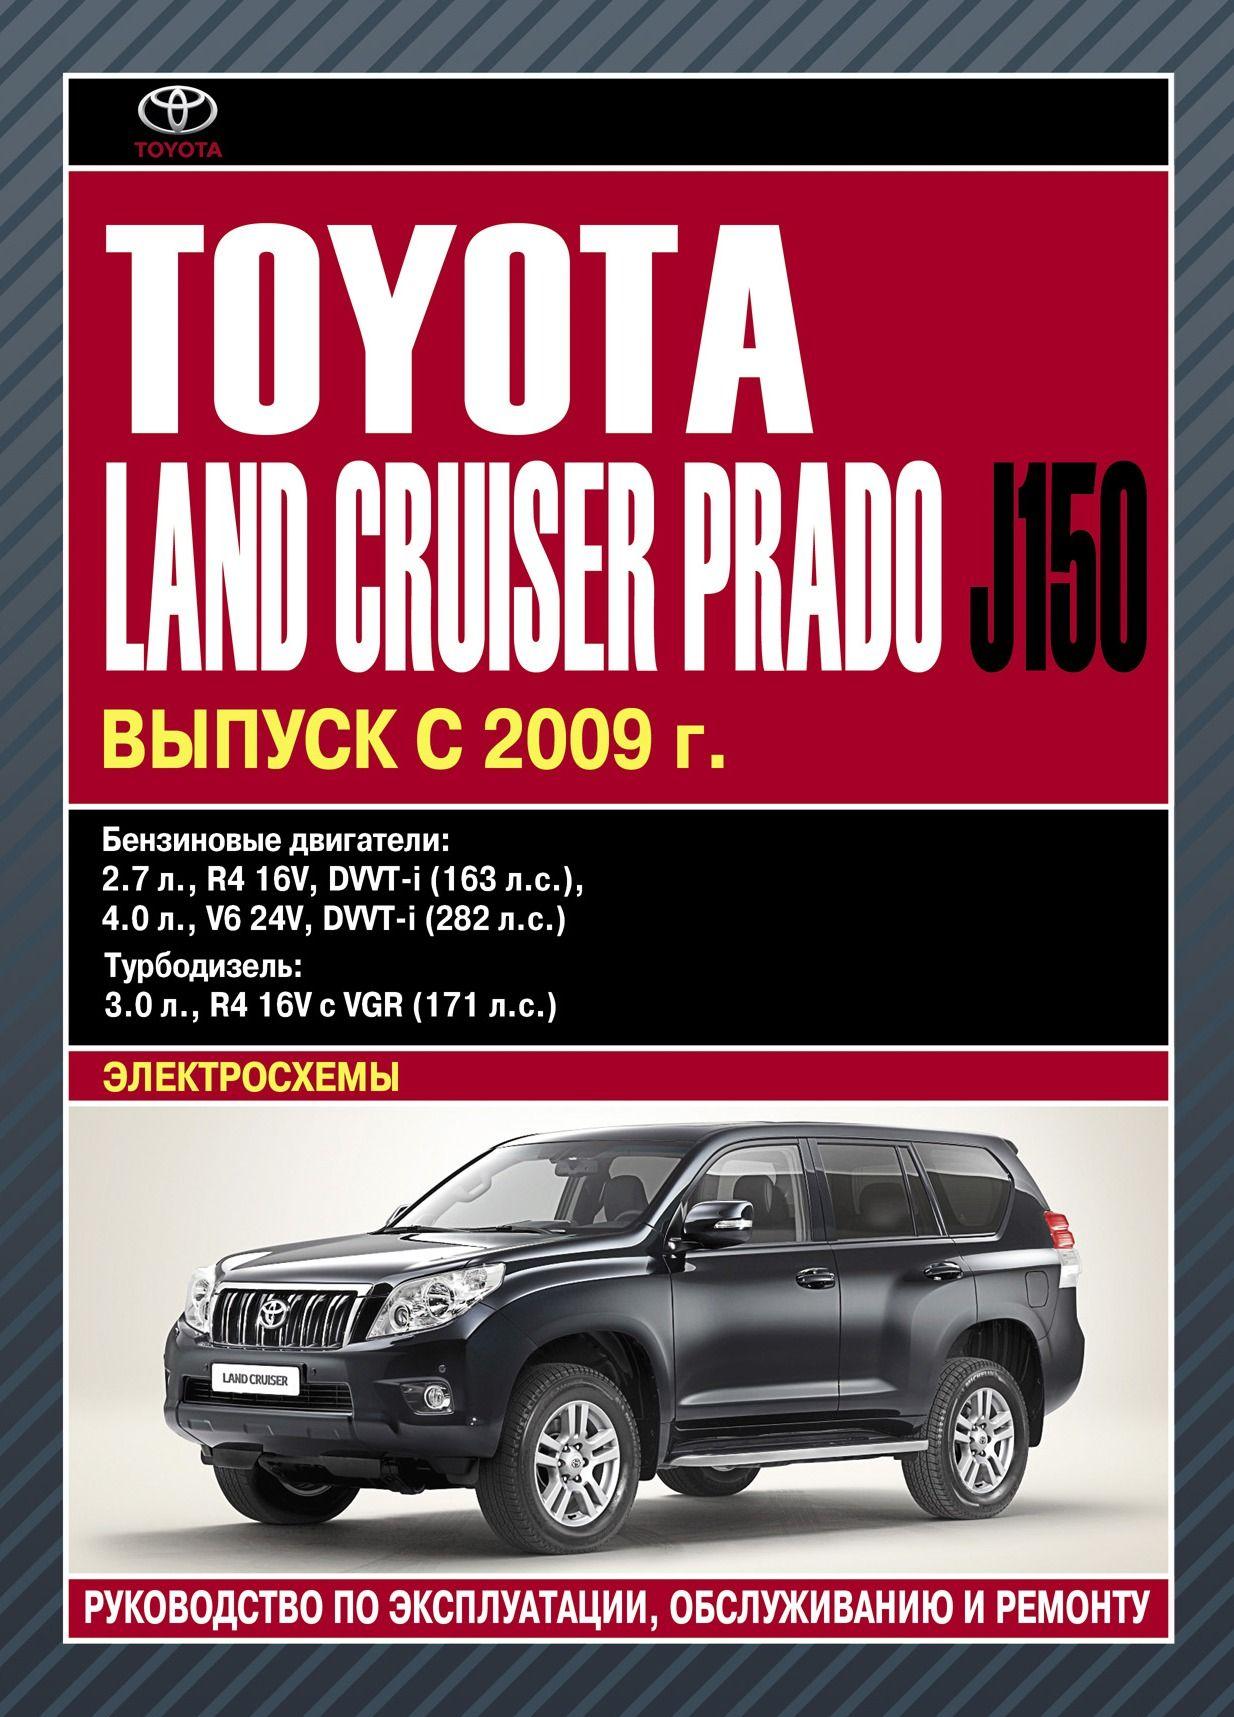 Книга toyota land cruiser prado 150 скачать